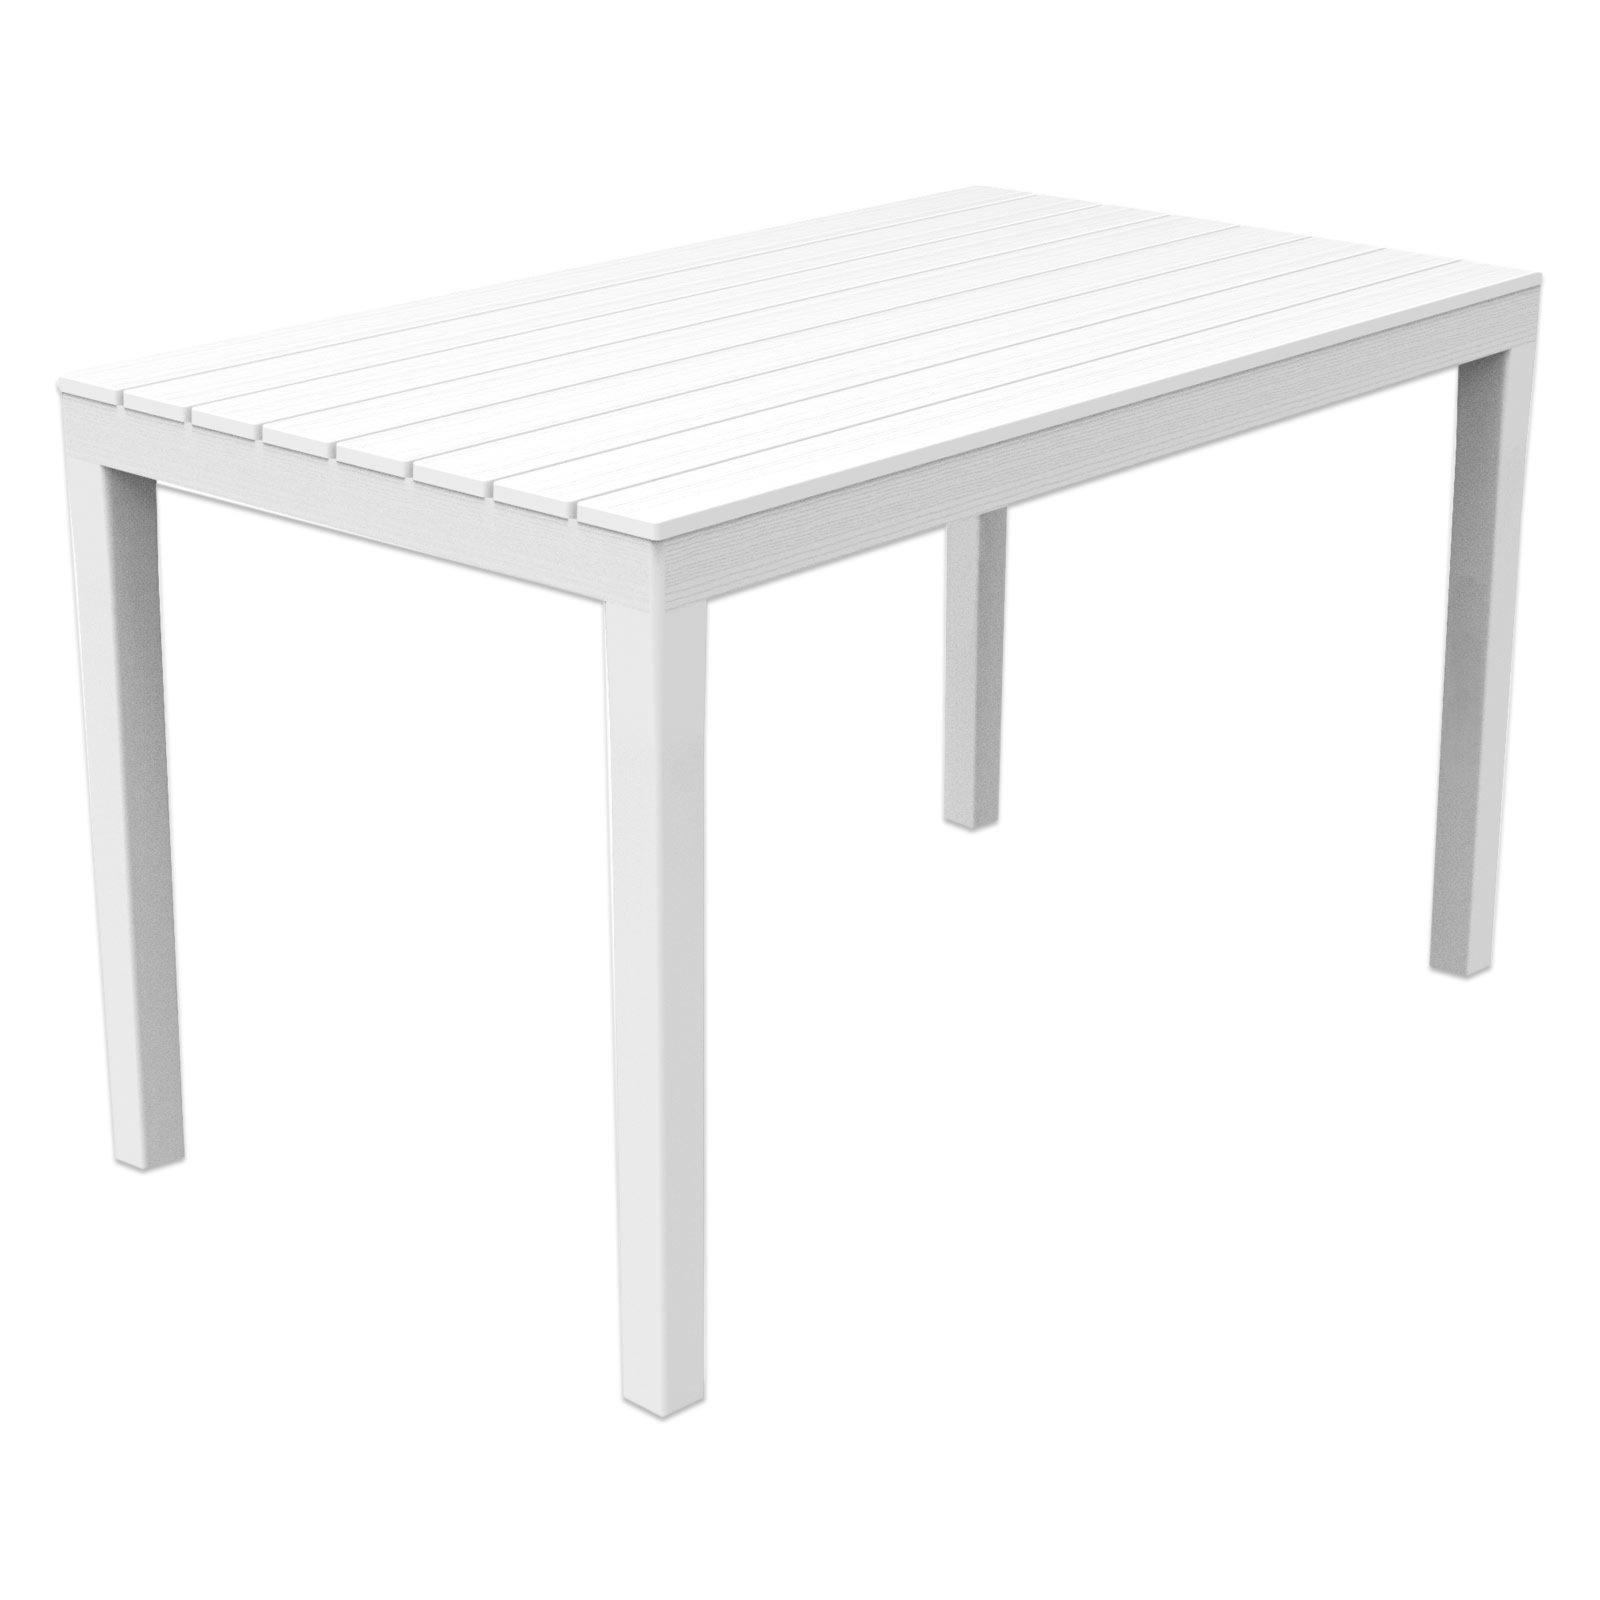 gartentisch holzoptik free gartentisch mit khlfach aluminium polywood xcm braun tischplatte in. Black Bedroom Furniture Sets. Home Design Ideas